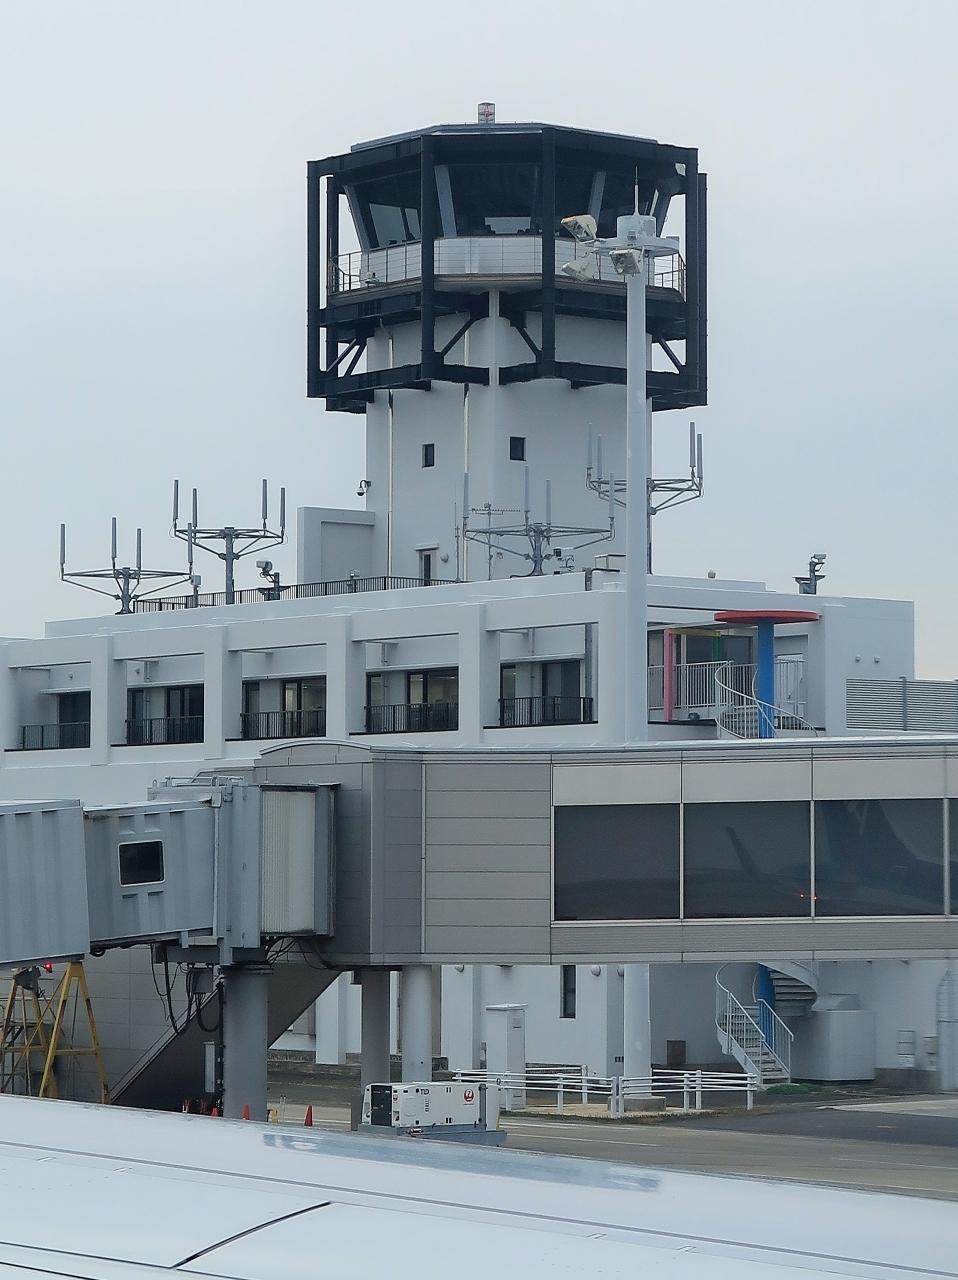 九州佐賀空港 16:00発 ANA456便 東京/羽田行 離陸順調に ☆29A- 前方モニターもの写真